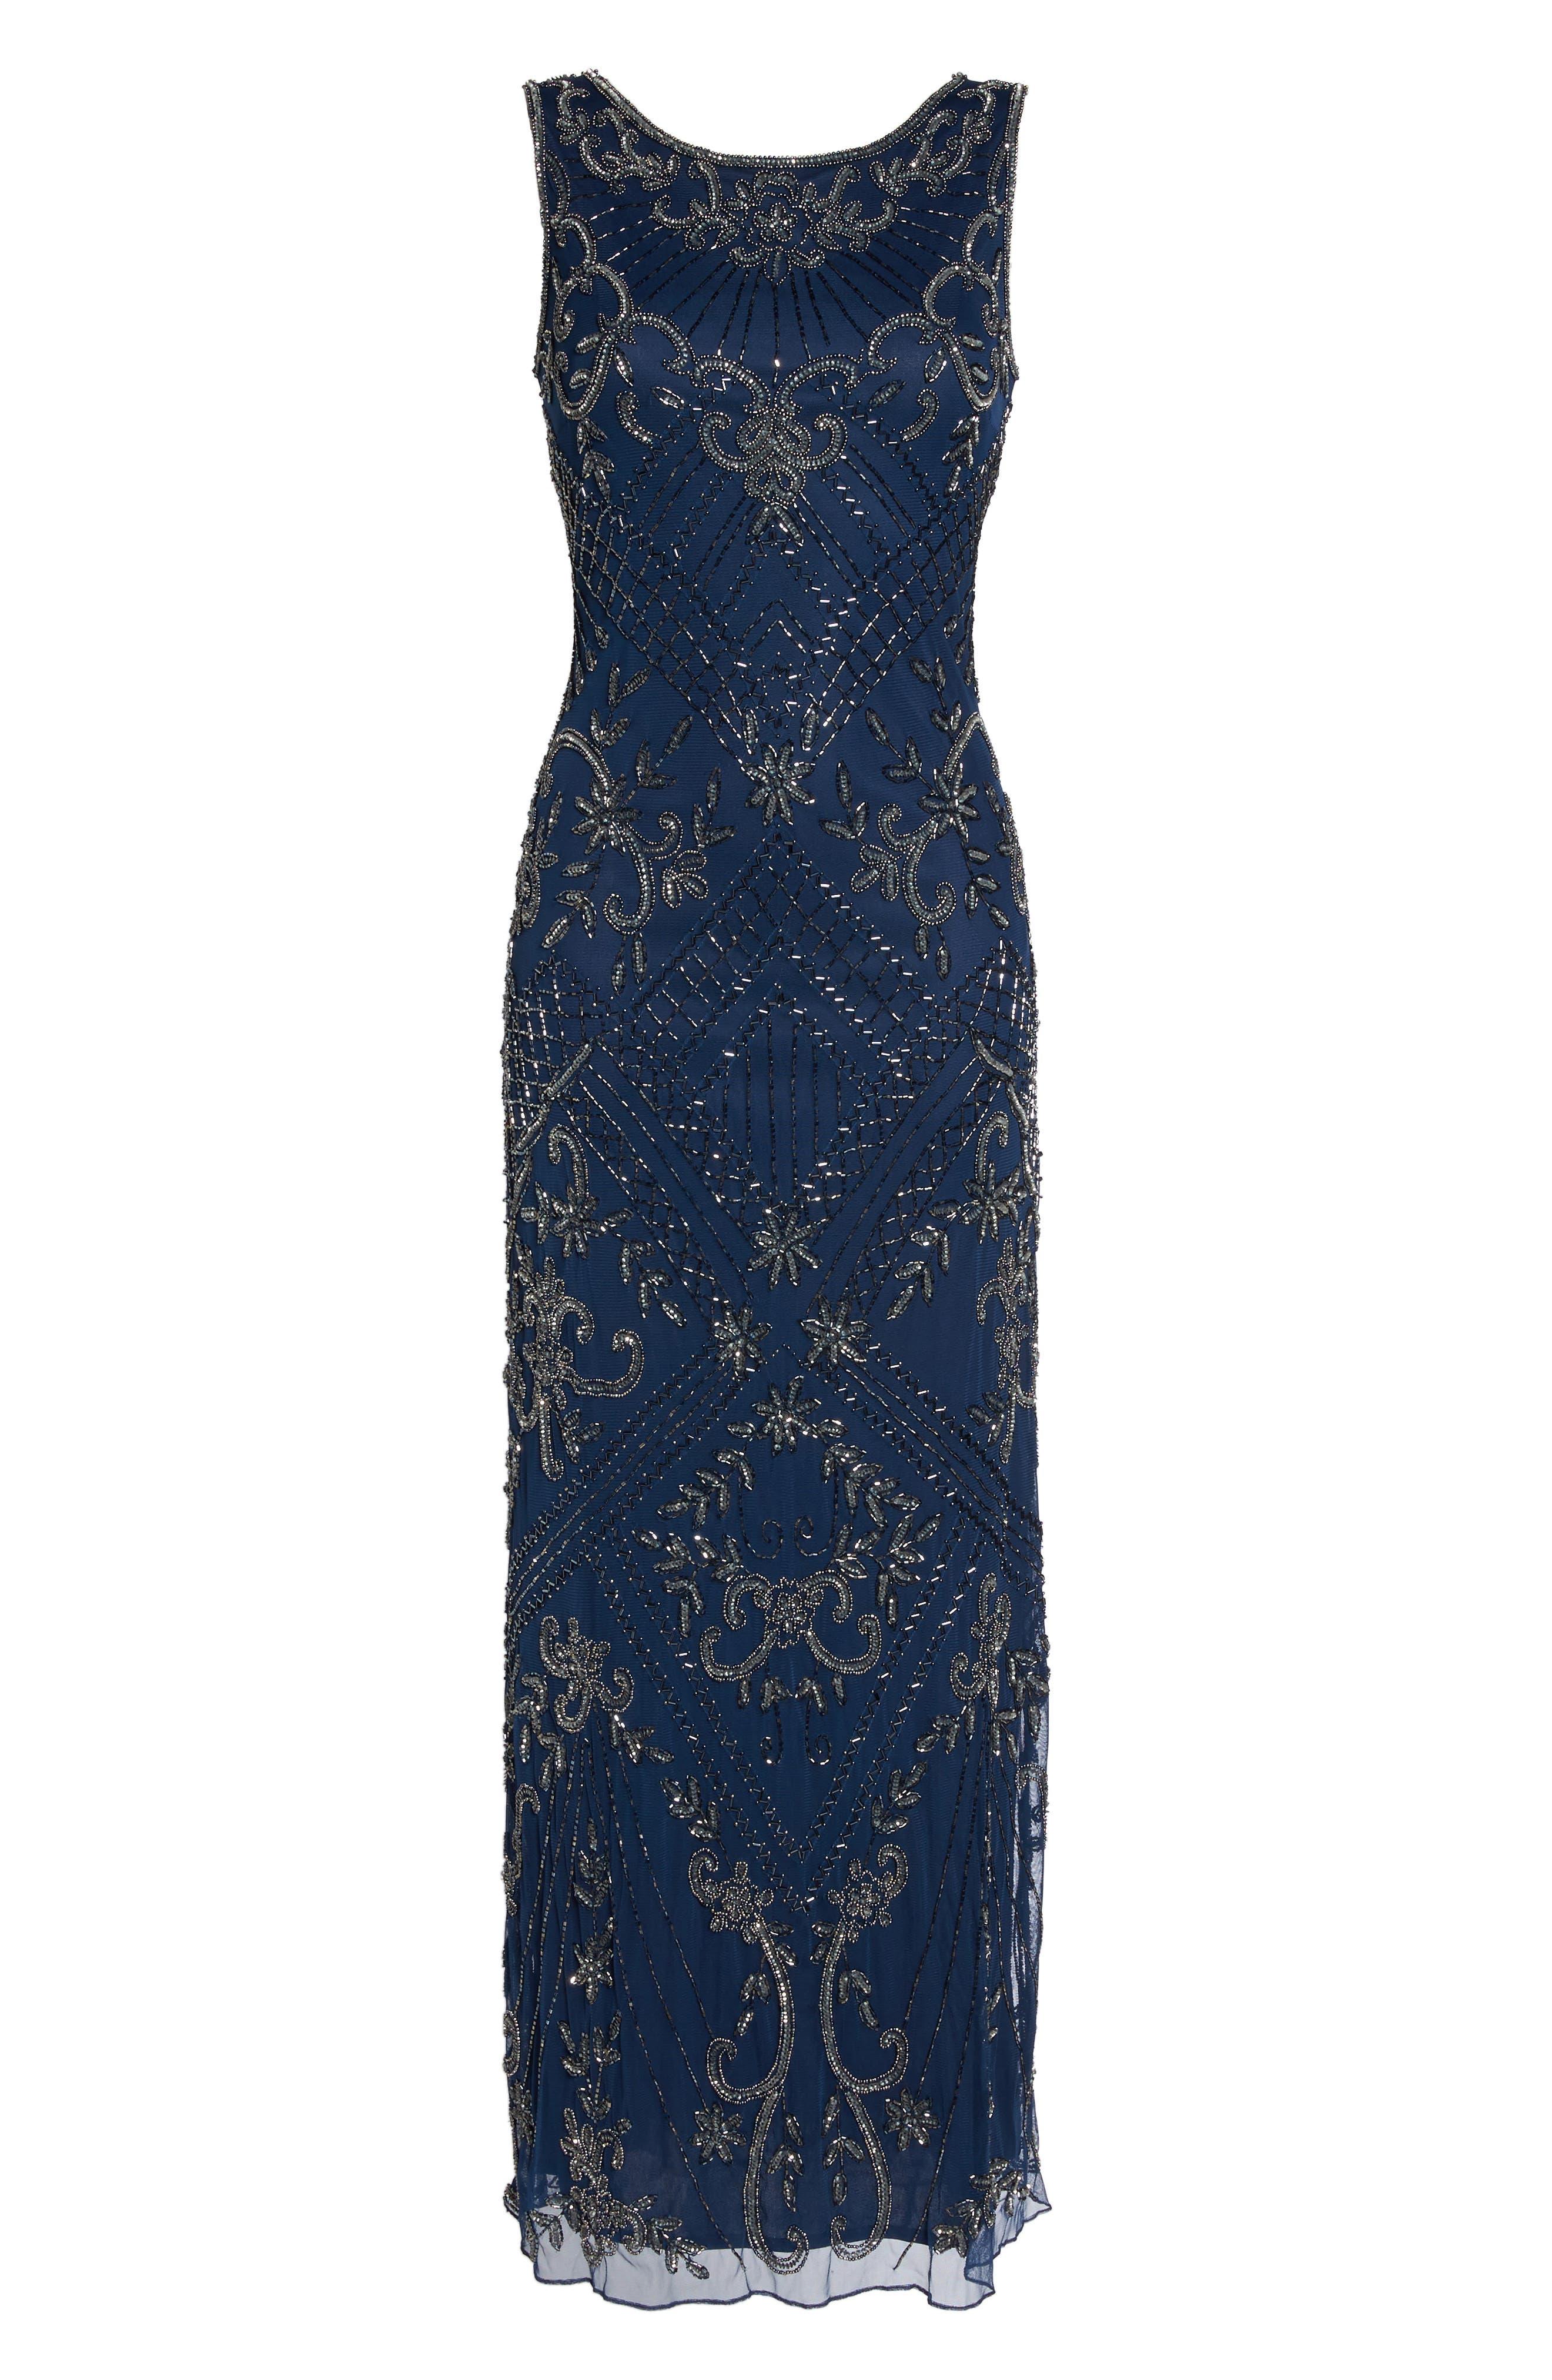 Main Image - Pisarro Nights Embroidered Mesh Gown (Regular & Petite)